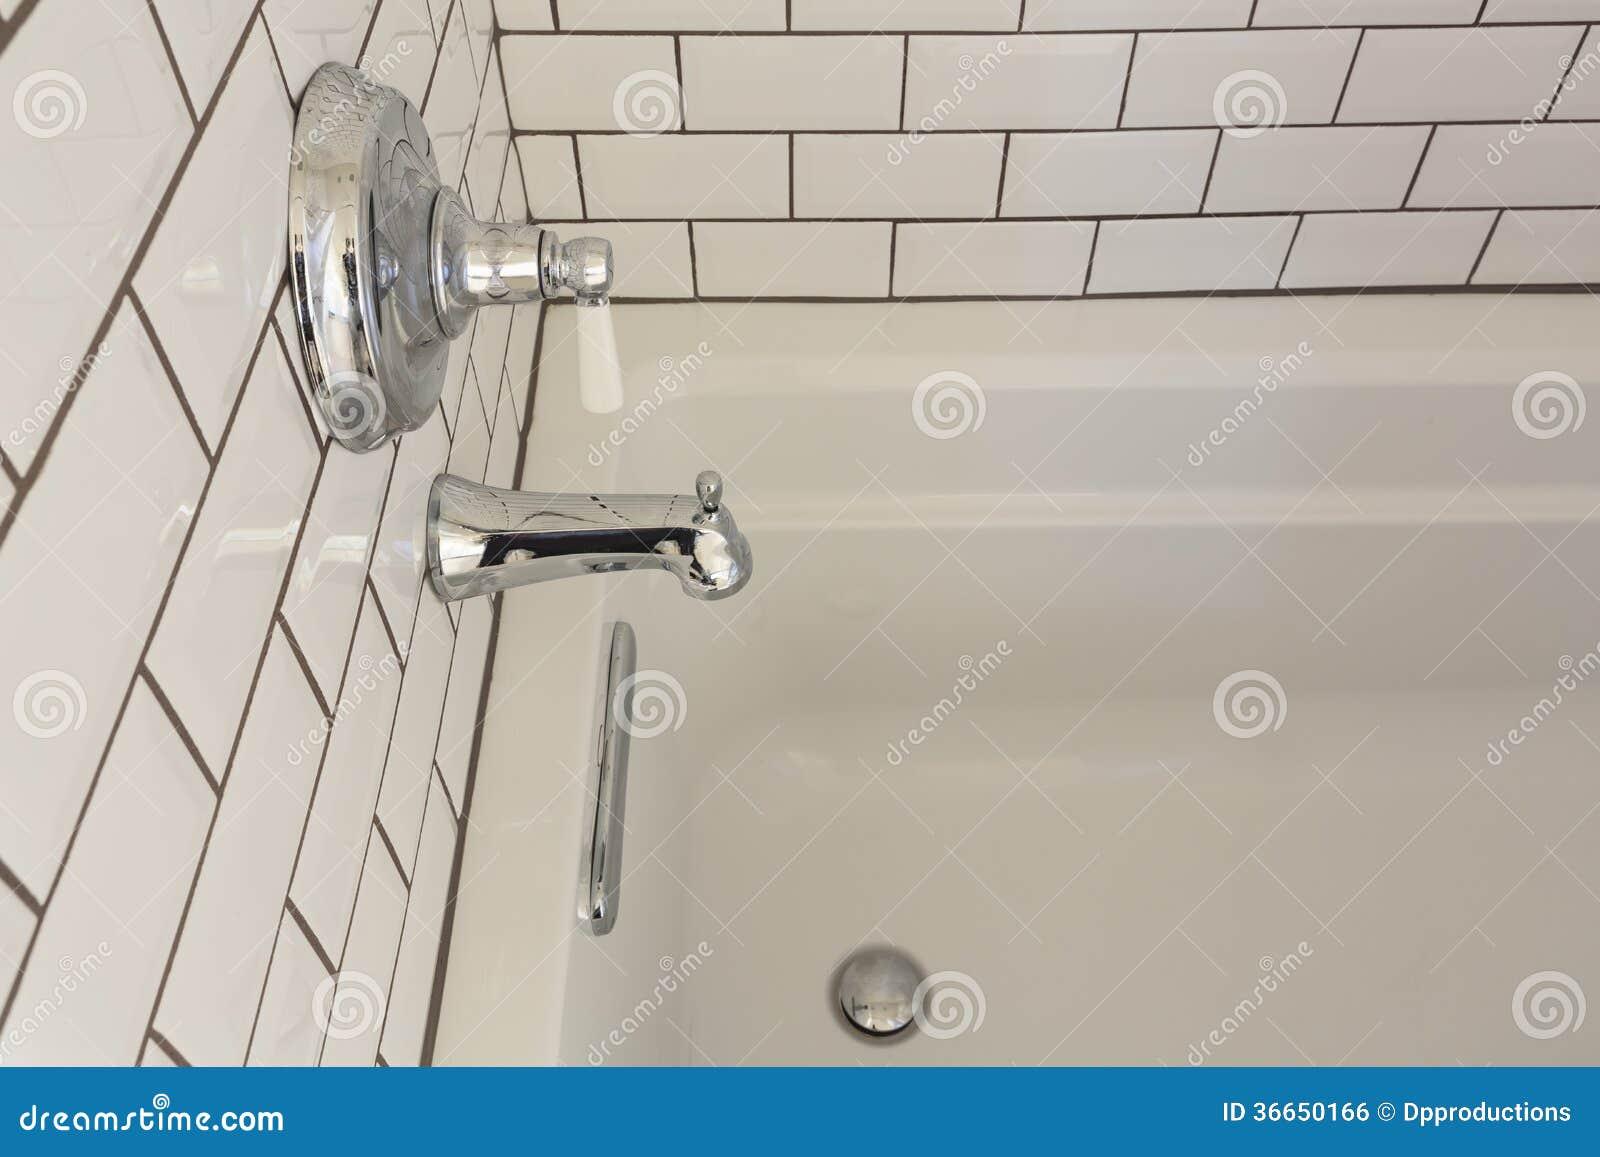 Biała ekskluzywna wanna w Mistrzowskiej łazience